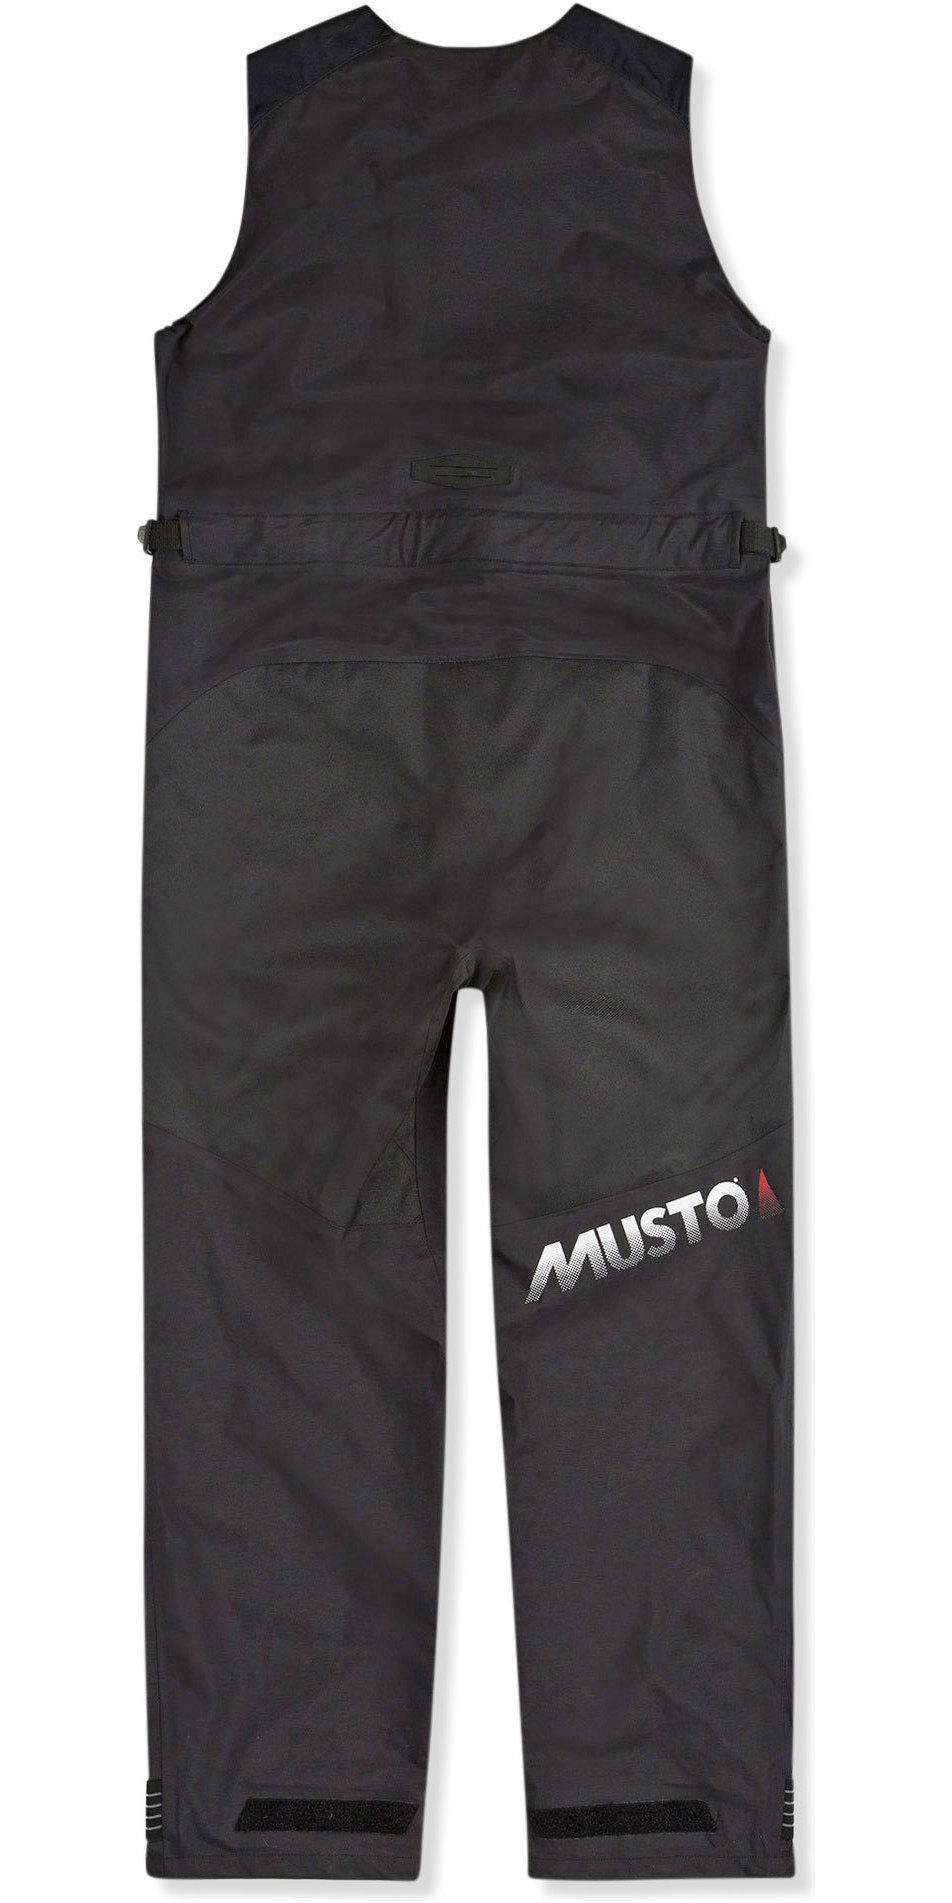 2019 Musto Maschile Br2 Sport Giacca E Salopette Combi Set - Platino / Nero